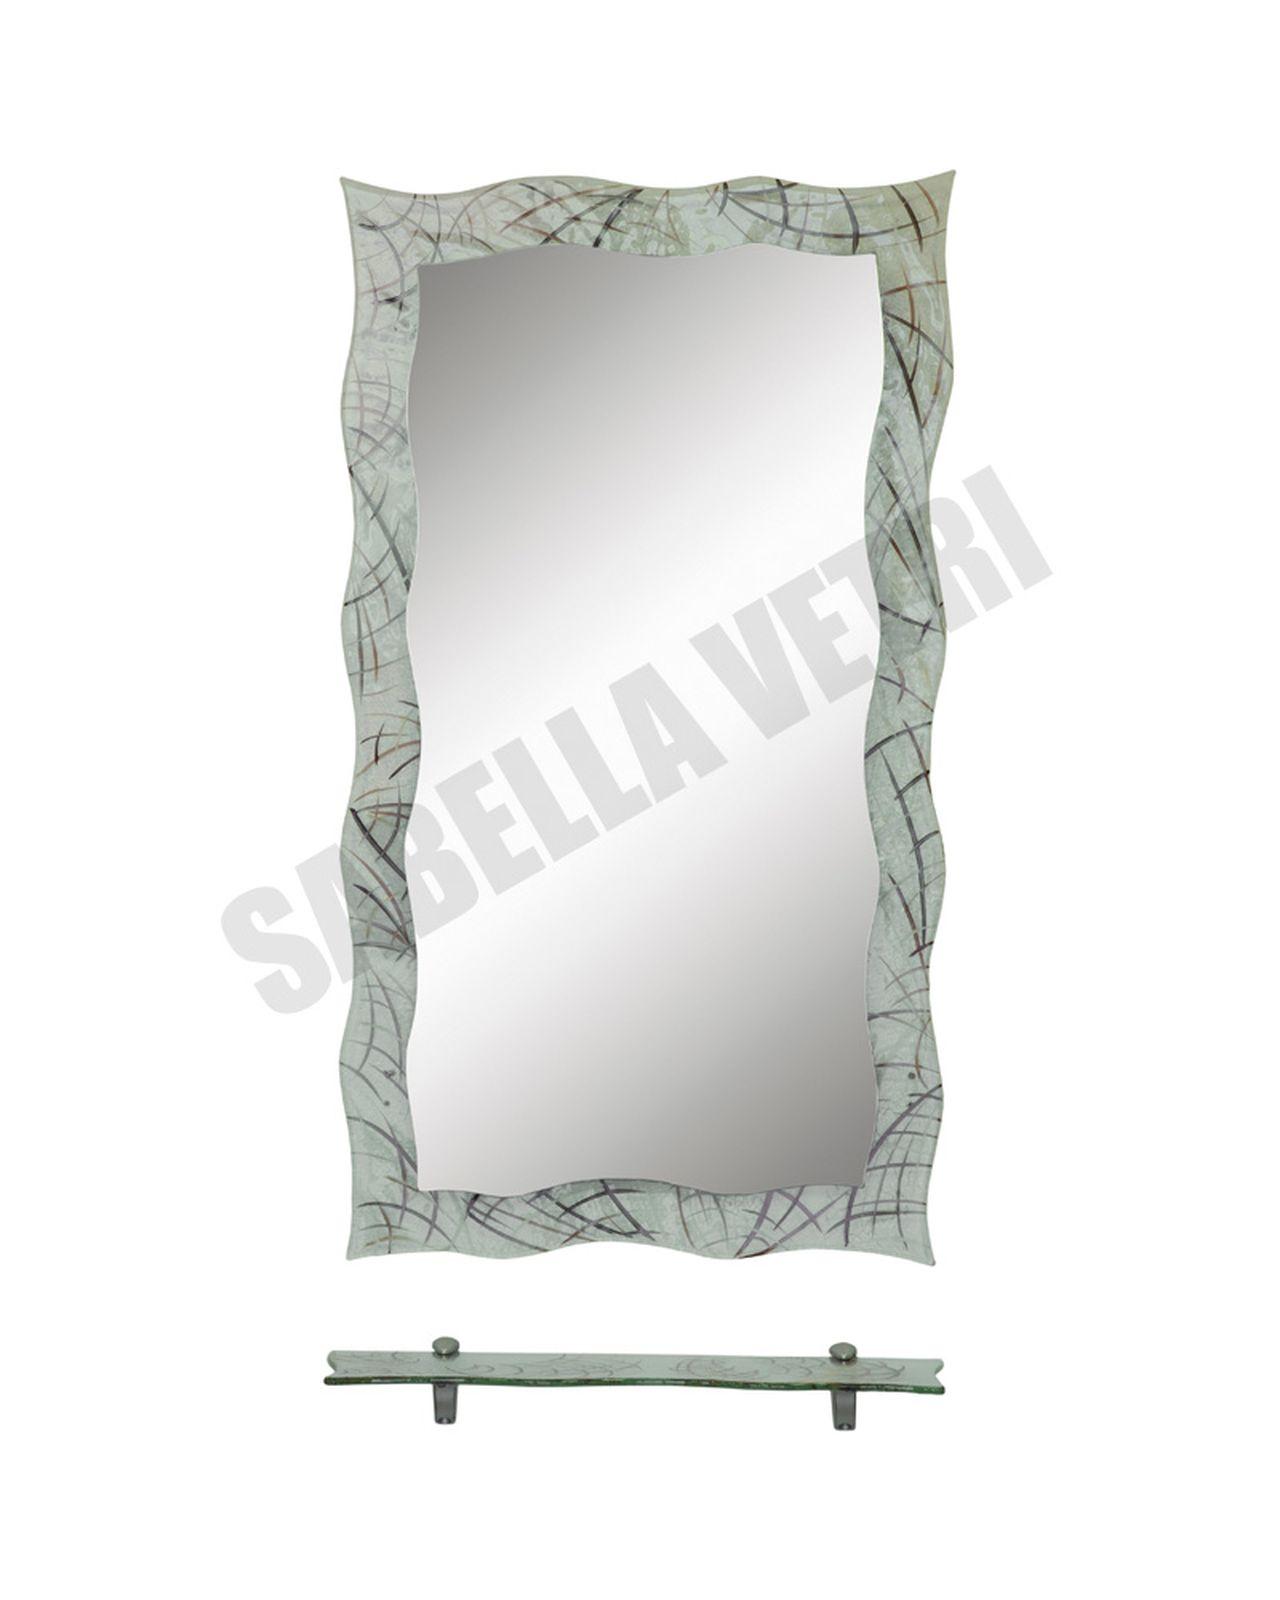 Specchi per palestra idee per la casa for Specchi per ingrandire ambienti